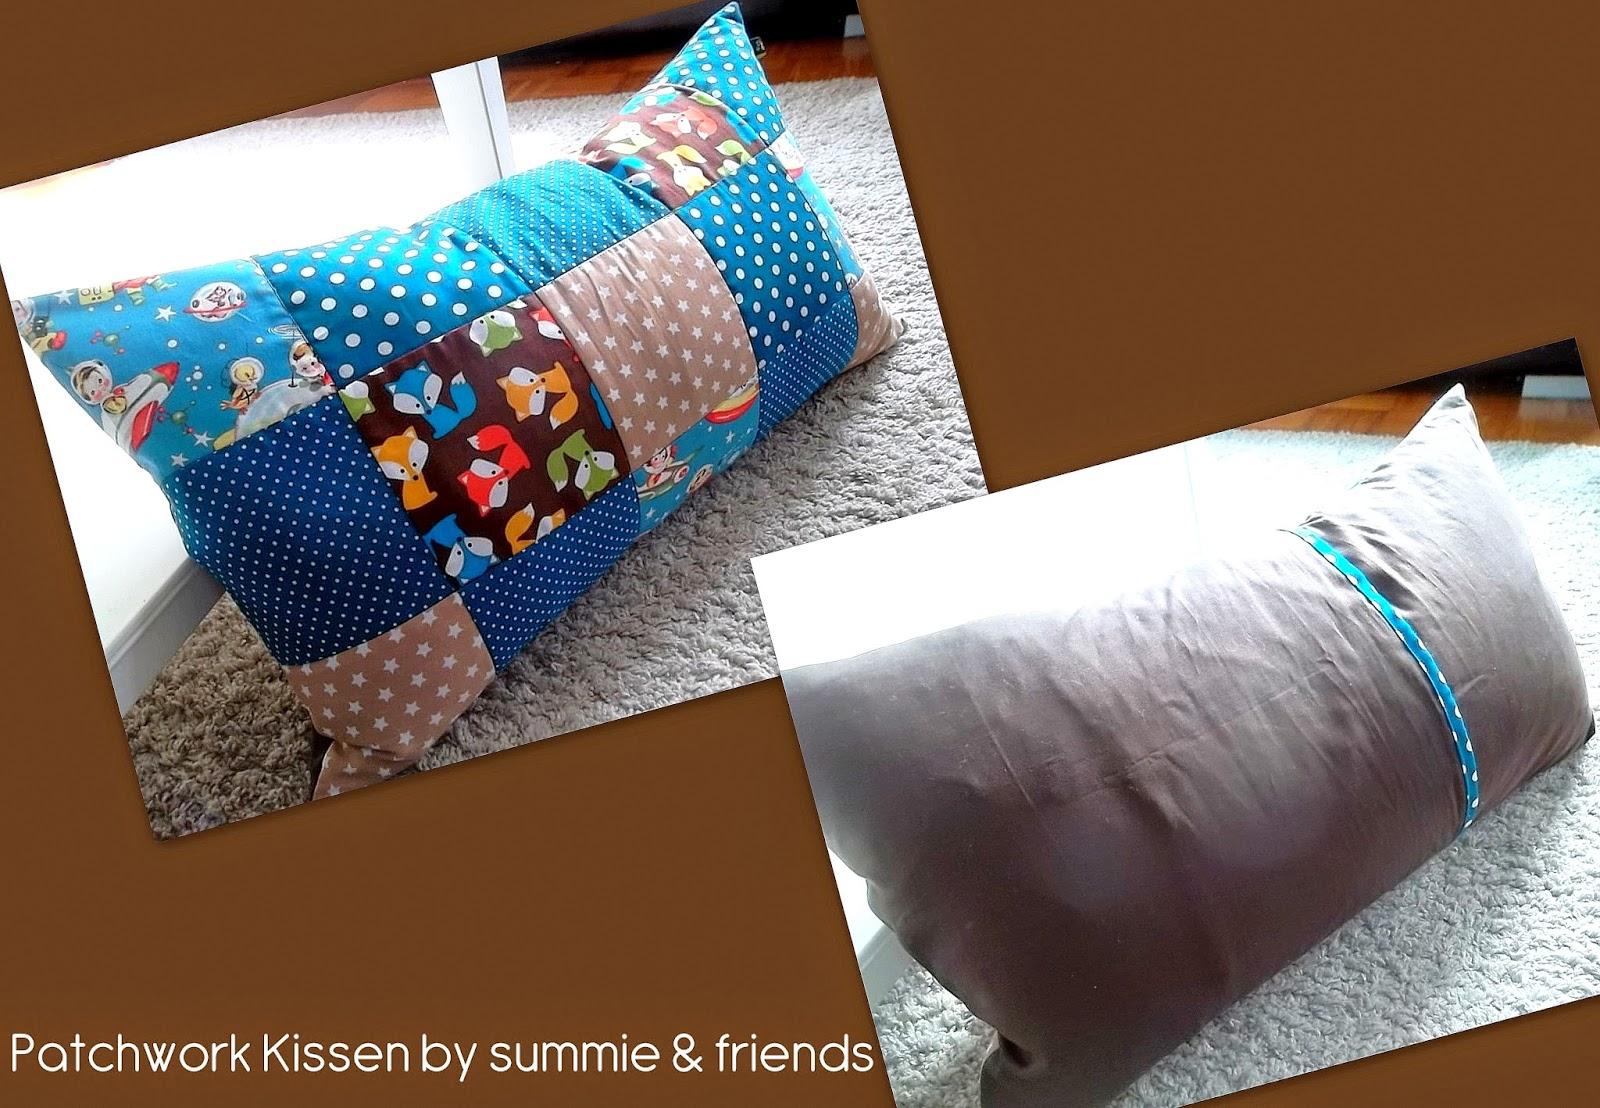 summie and friends patchworkdecke und kissen. Black Bedroom Furniture Sets. Home Design Ideas